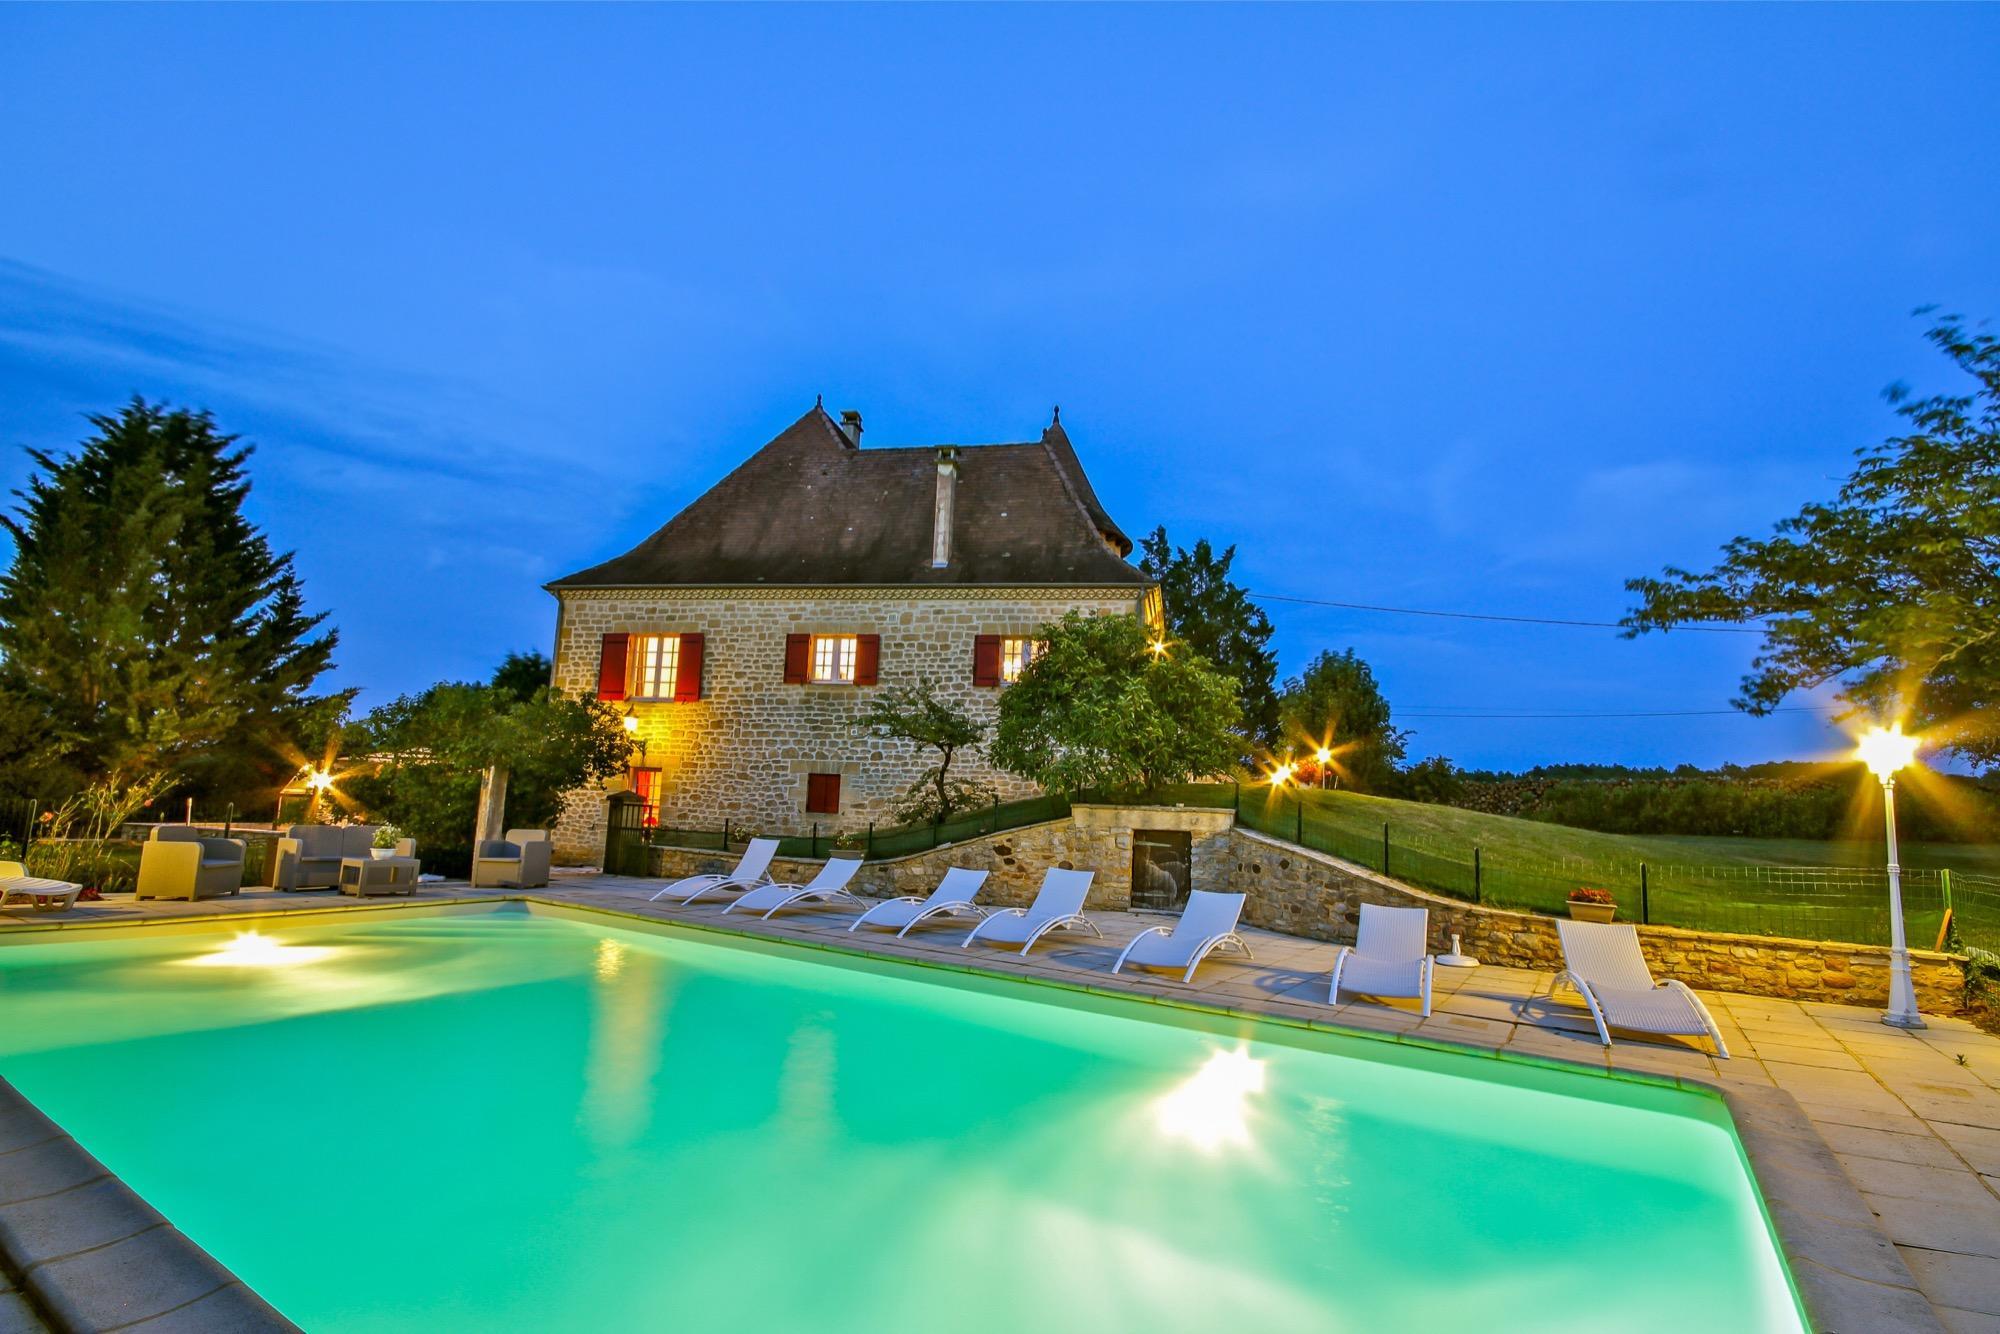 Location Maison Vacances Piscine Intérieure Sarlat ... concernant Location Maison Avec Piscine Intérieure Et Jacuzzi